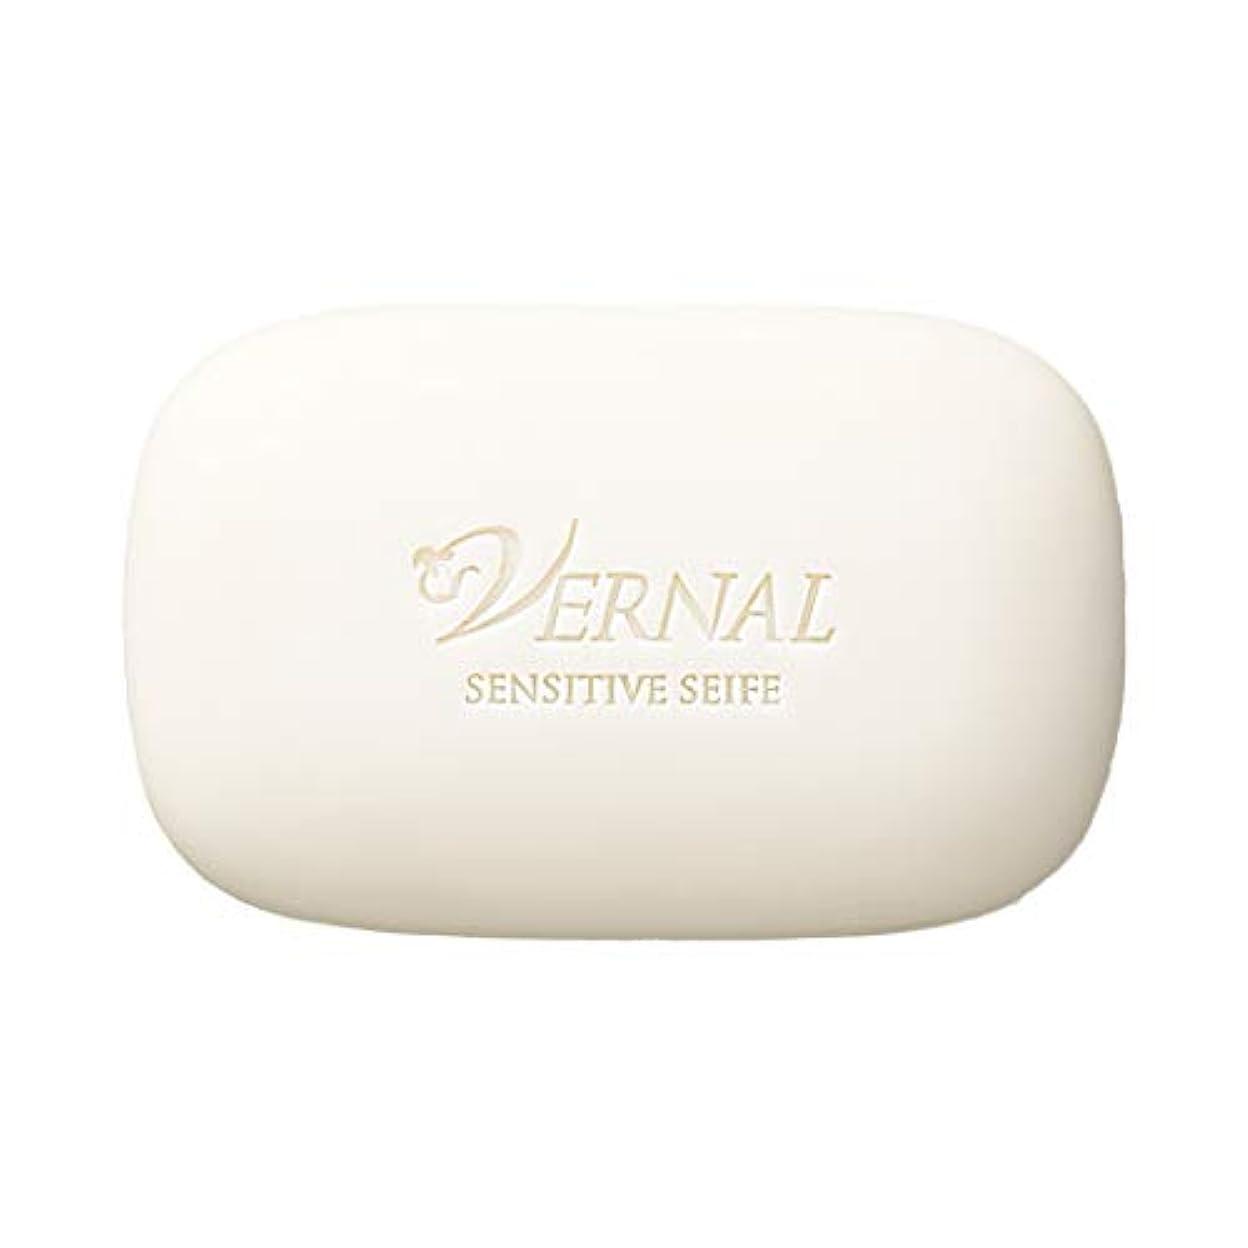 潤滑するすみません広々とした【医薬部外品】センシティブザイフ 110g /ヴァーナル 洗顔石鹸 キメ整える 薬用